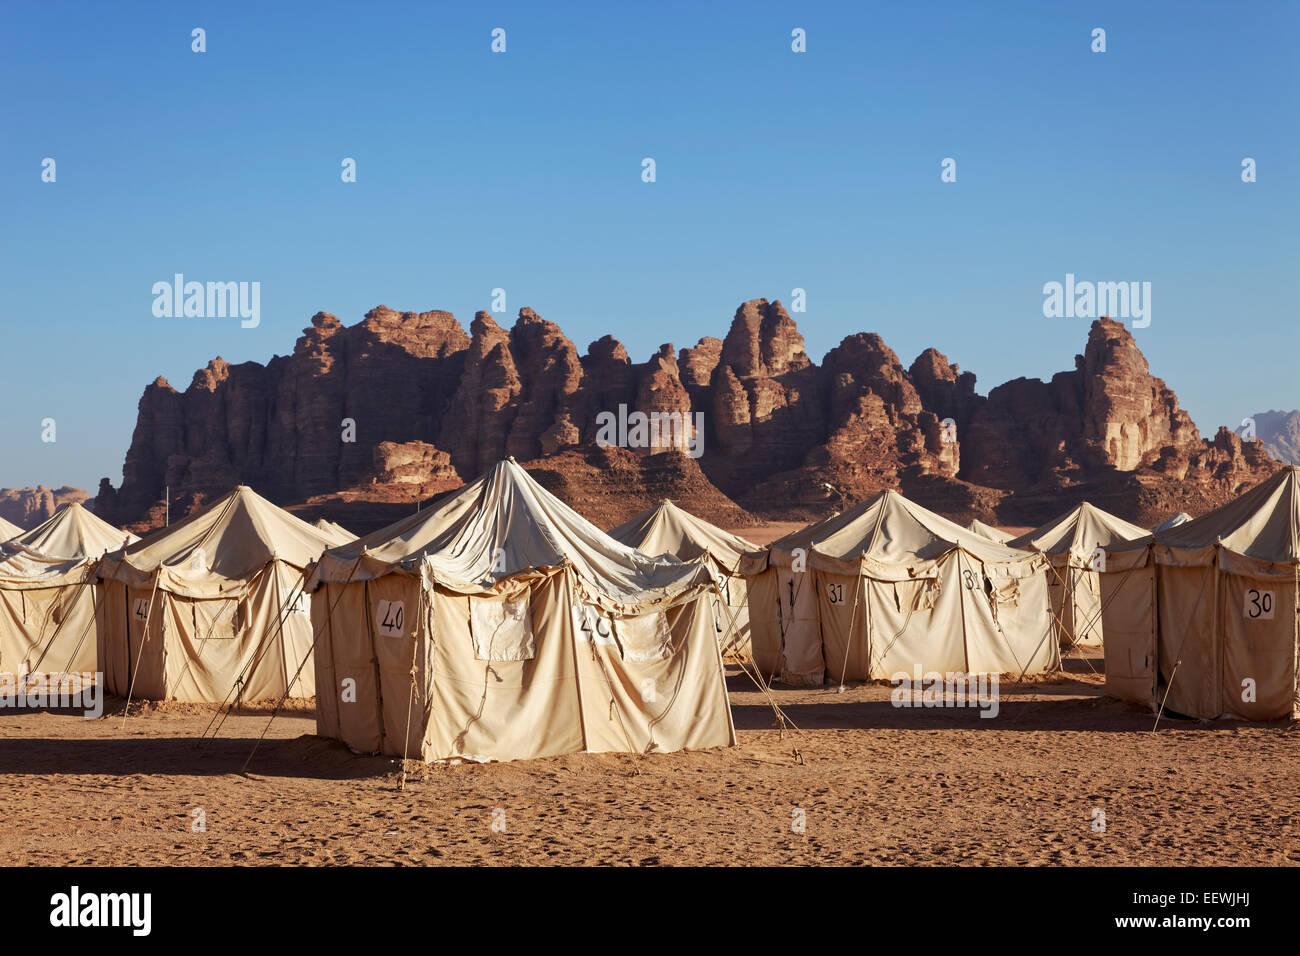 Zelte, Lager für Touristen, Berge, Wadi Rum, Jordanien Stockbild